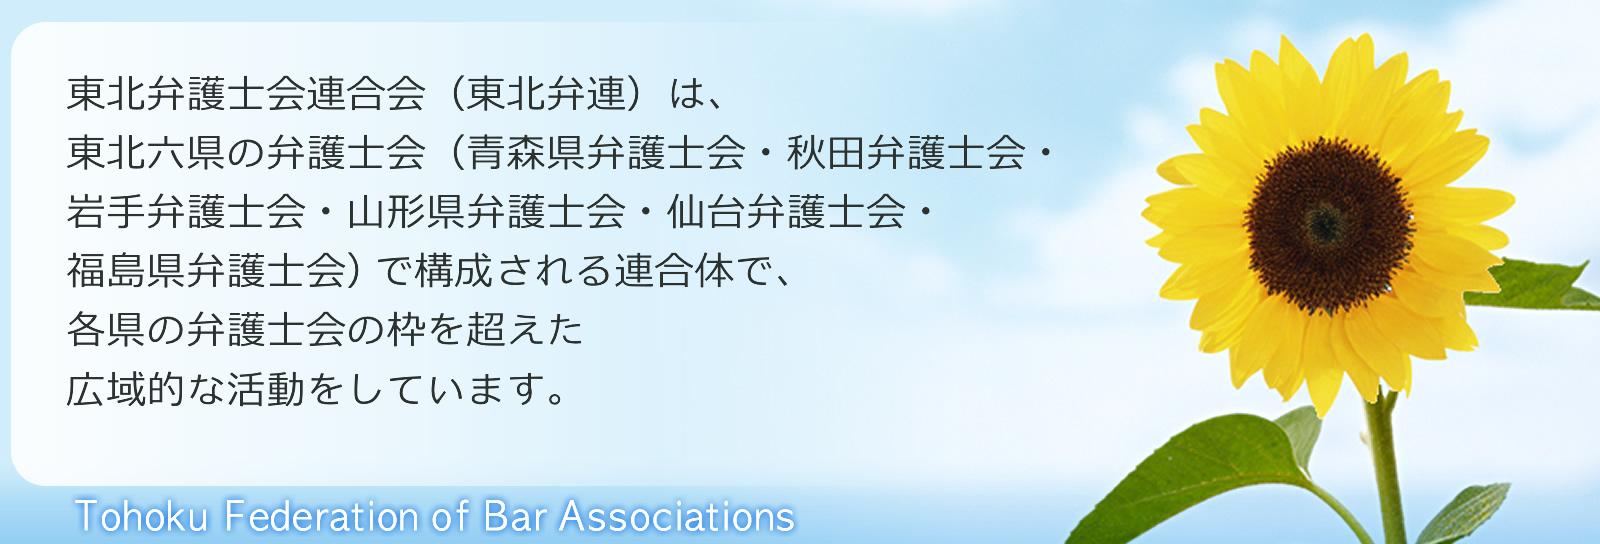 東北弁護士会連合会は、東北六県の弁護士会(青森県弁護士会・秋田弁護士会・岩手弁護士会・山形県弁護士会・仙台弁護士会・福島県弁護士会)で構成される連合体で、各県の弁護士会の枠を超えた広域的な活動をしています。